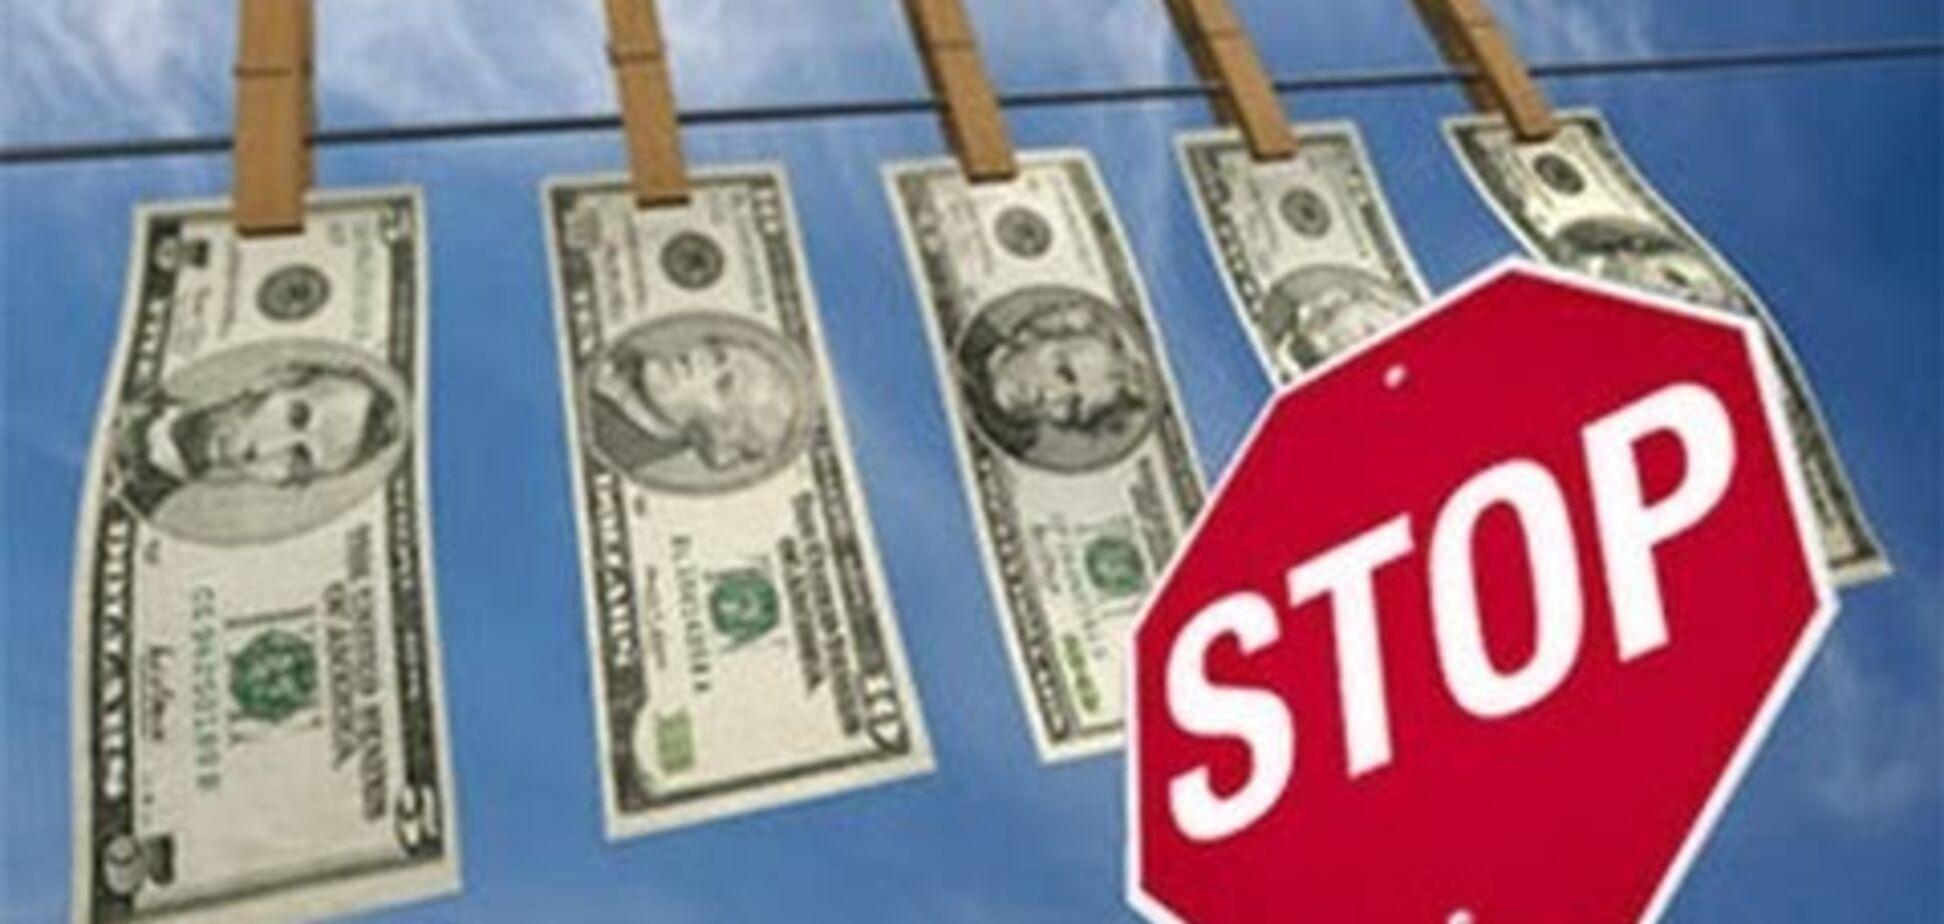 Прагнемо до західних практик: експерт роз'яснив суть закону про протидію 'брудним' грошам